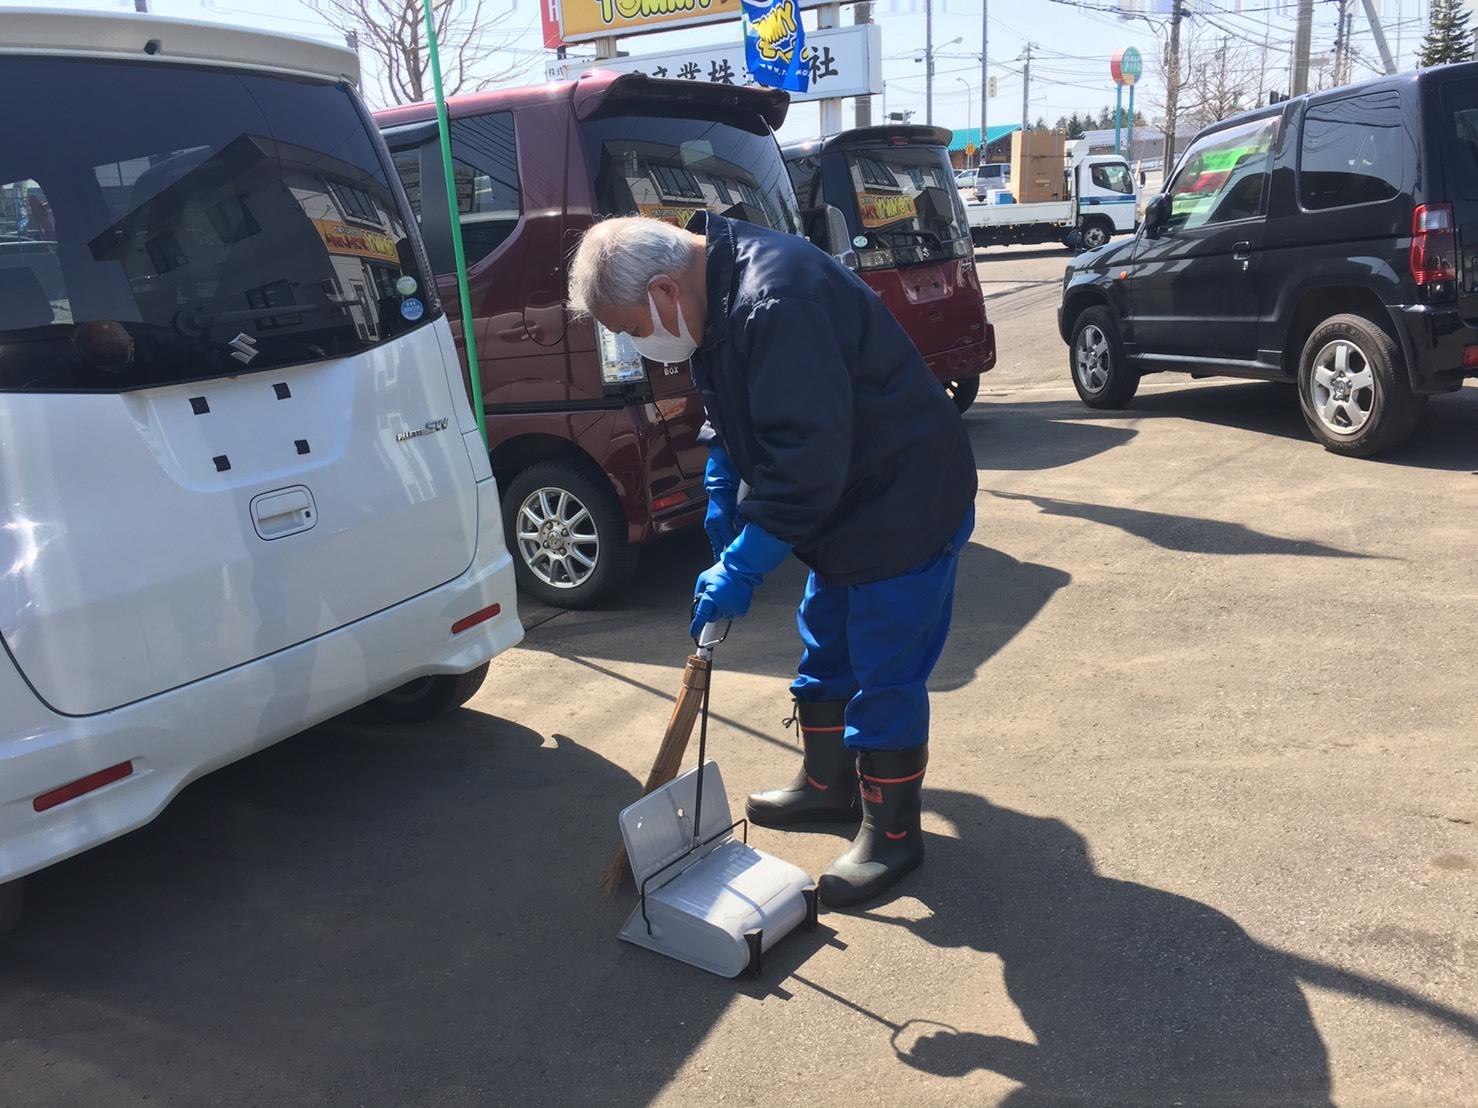 4月17日(水)☆TOMMYアウトレット☆あやあゆブログ(∩ˊ꒳ˋ∩)・* ワゴンR A様納車♪たくさんのご来店ありがとうございます♡_b0127002_17095935.jpg